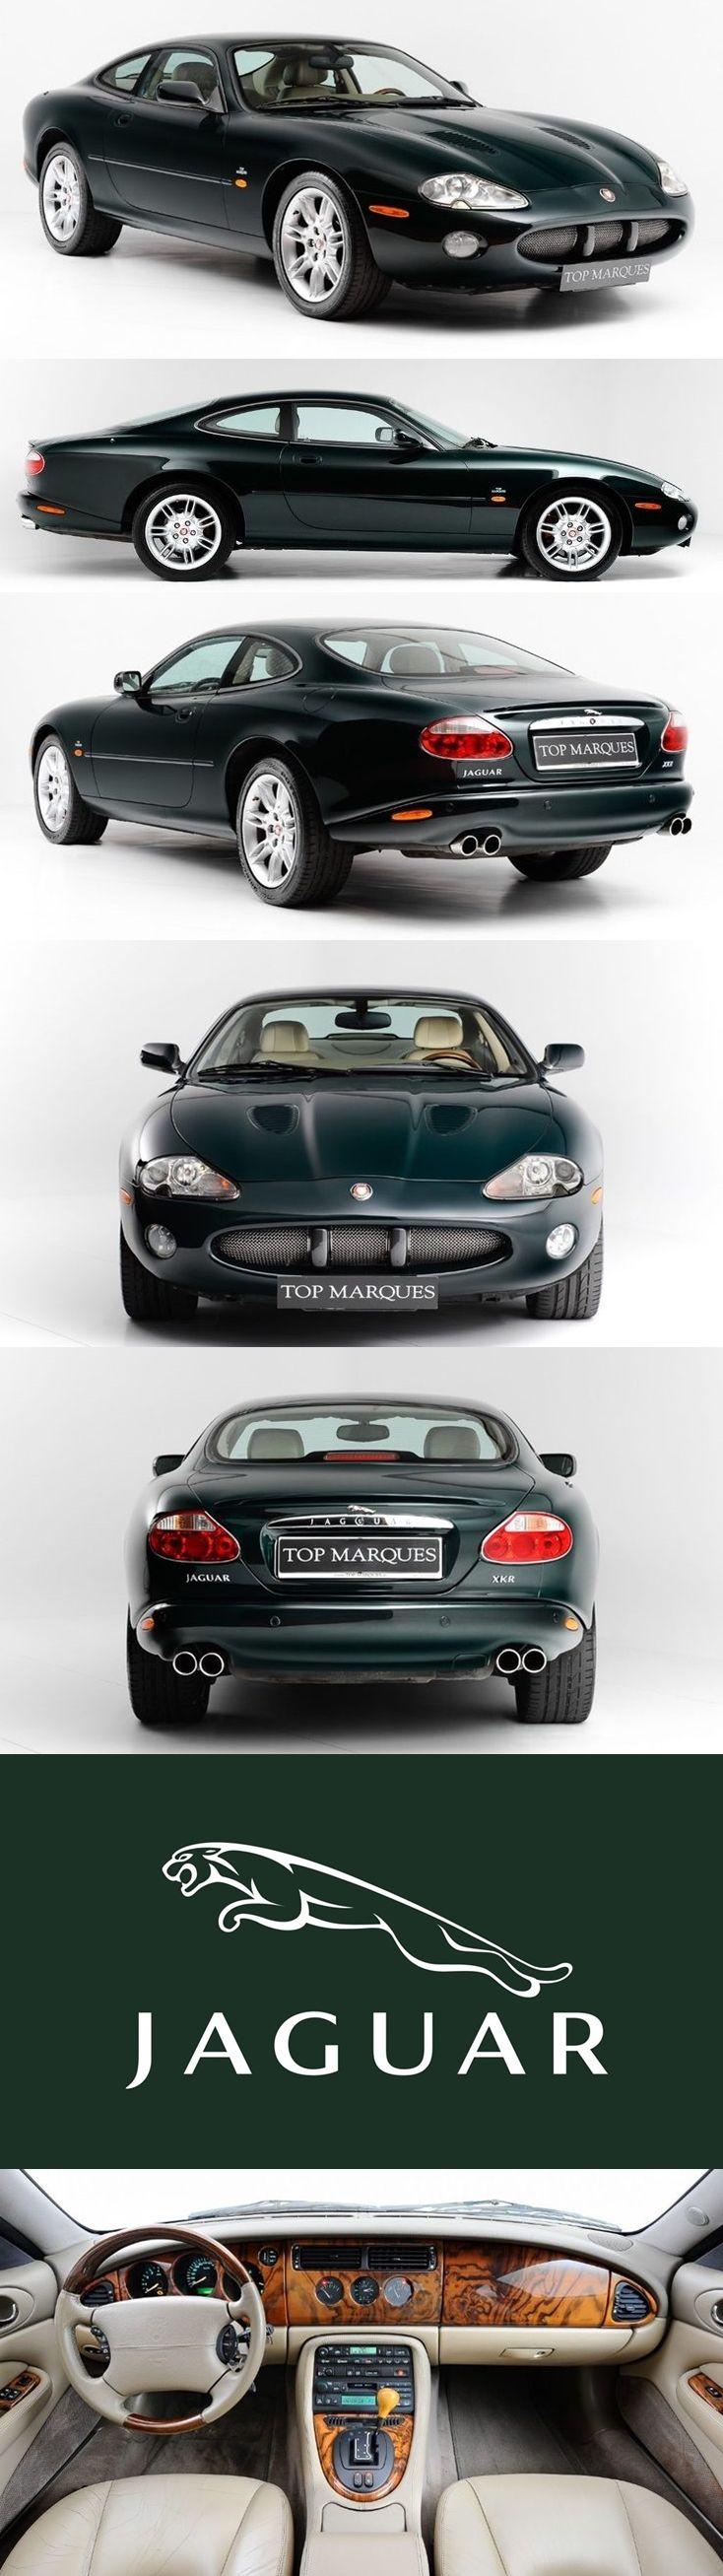 2001 Jaguar XKR Coupe 4.0